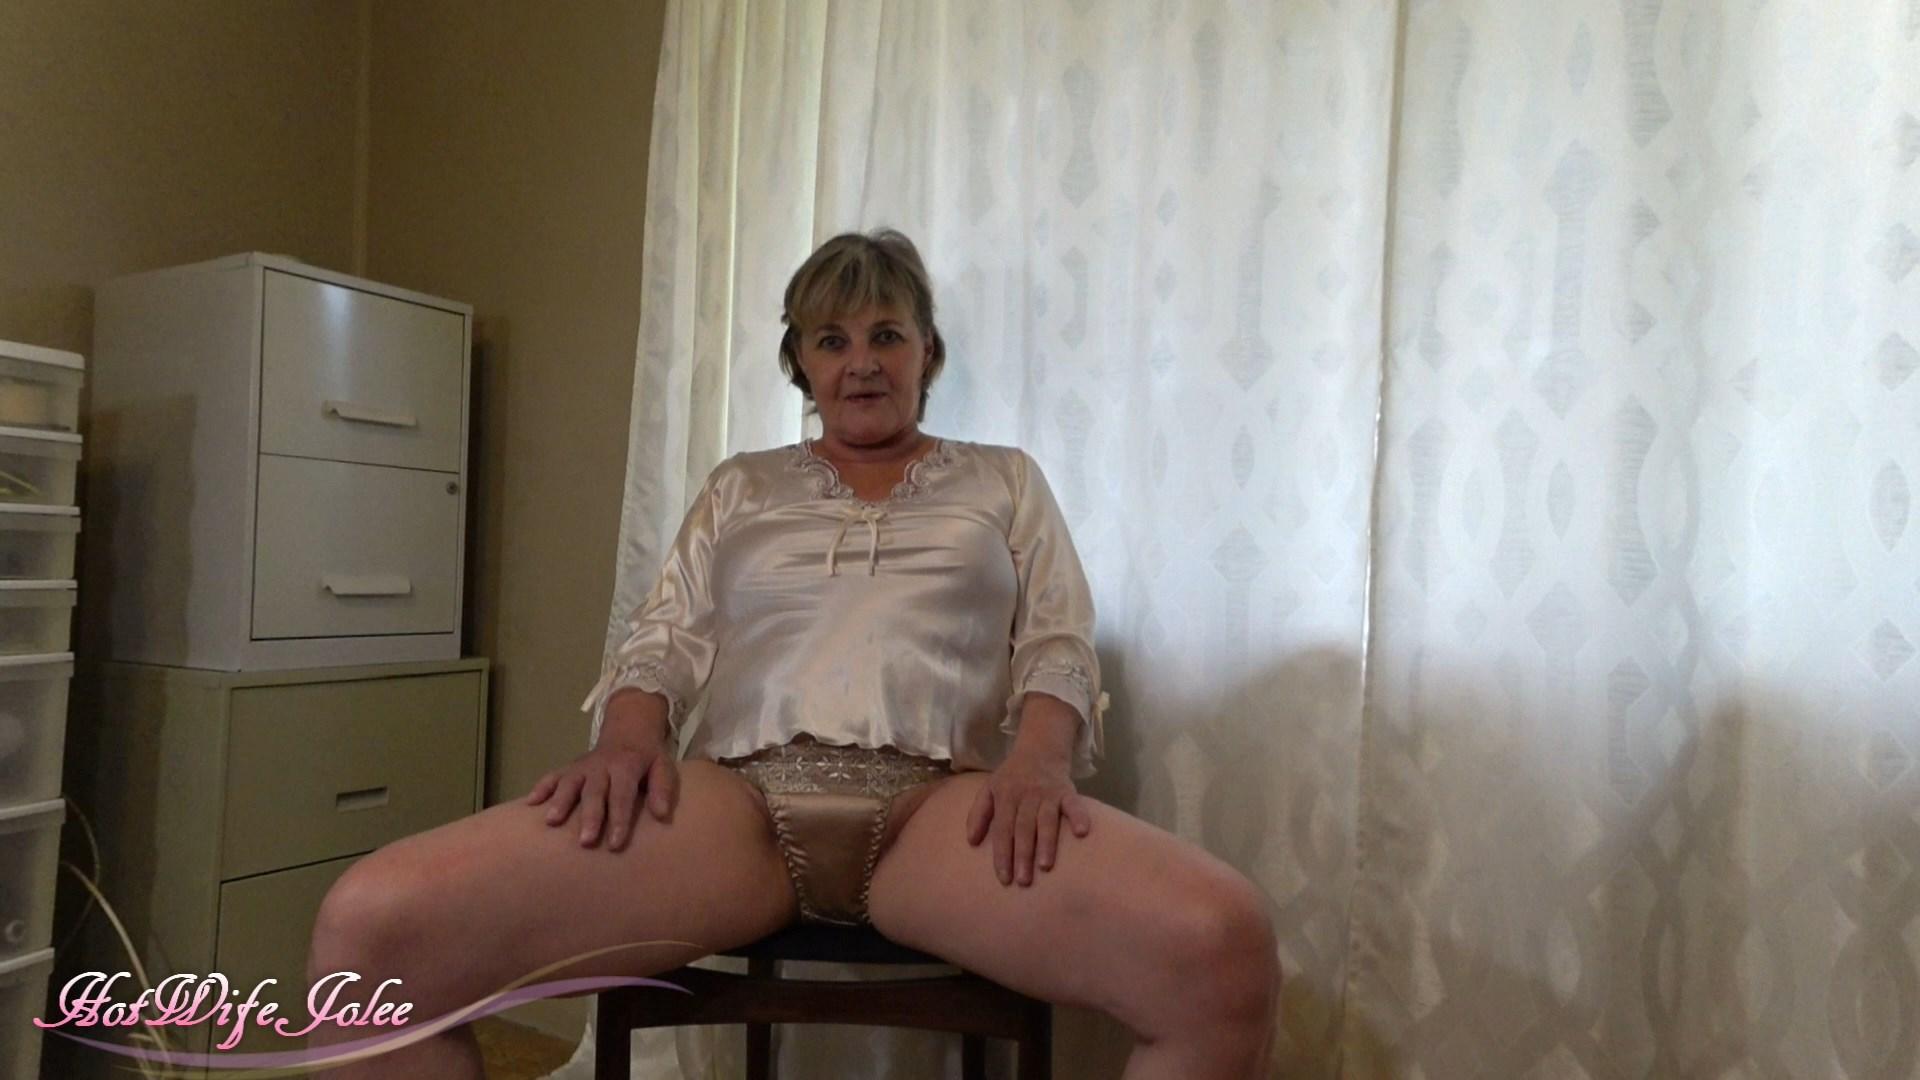 Hot Wife Jolee - Mommy's Horny Son Needing Help Again